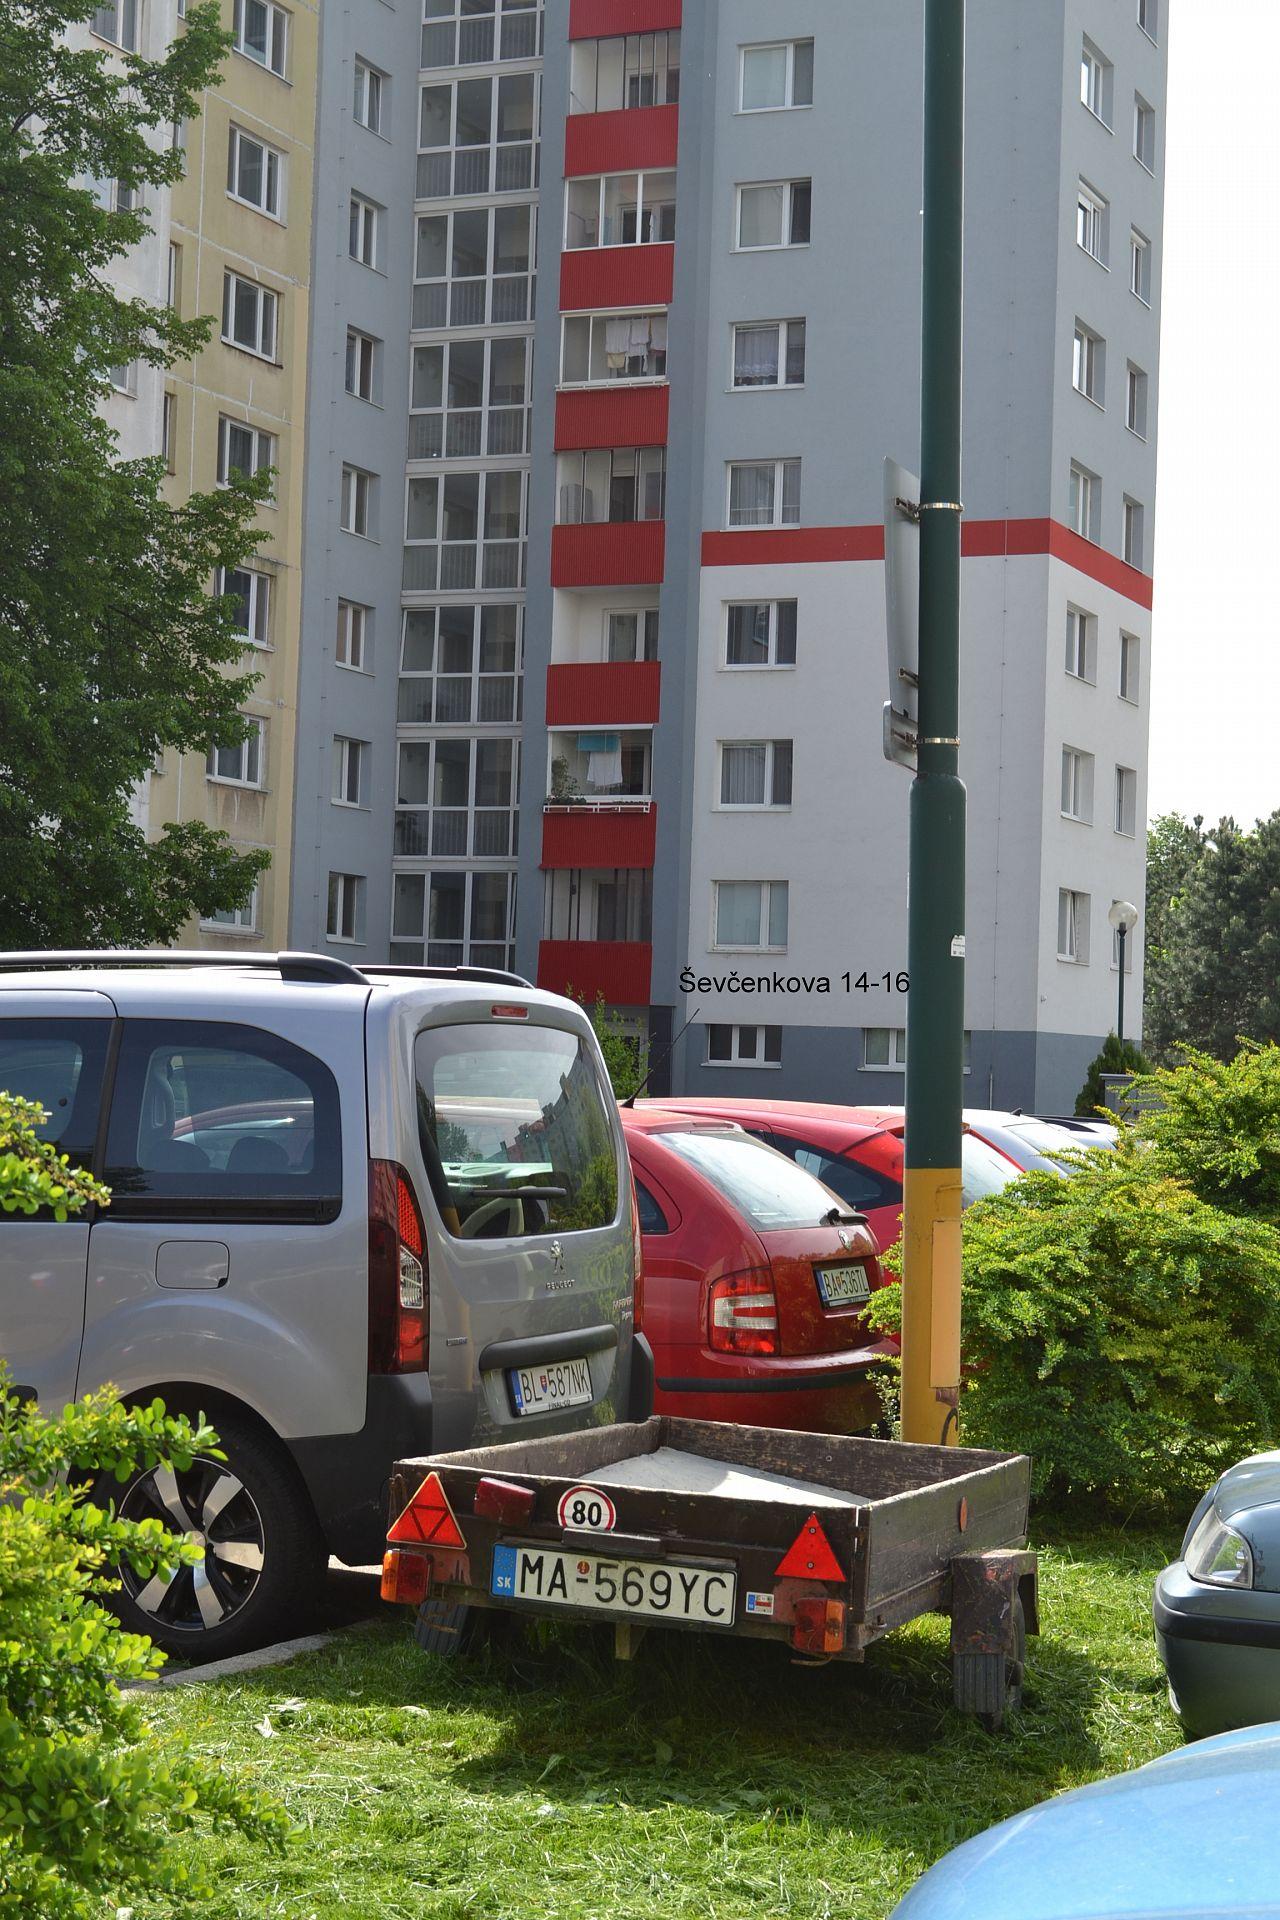 c8ff1366a Parkovanie vozíka na Ševčenkovej 14